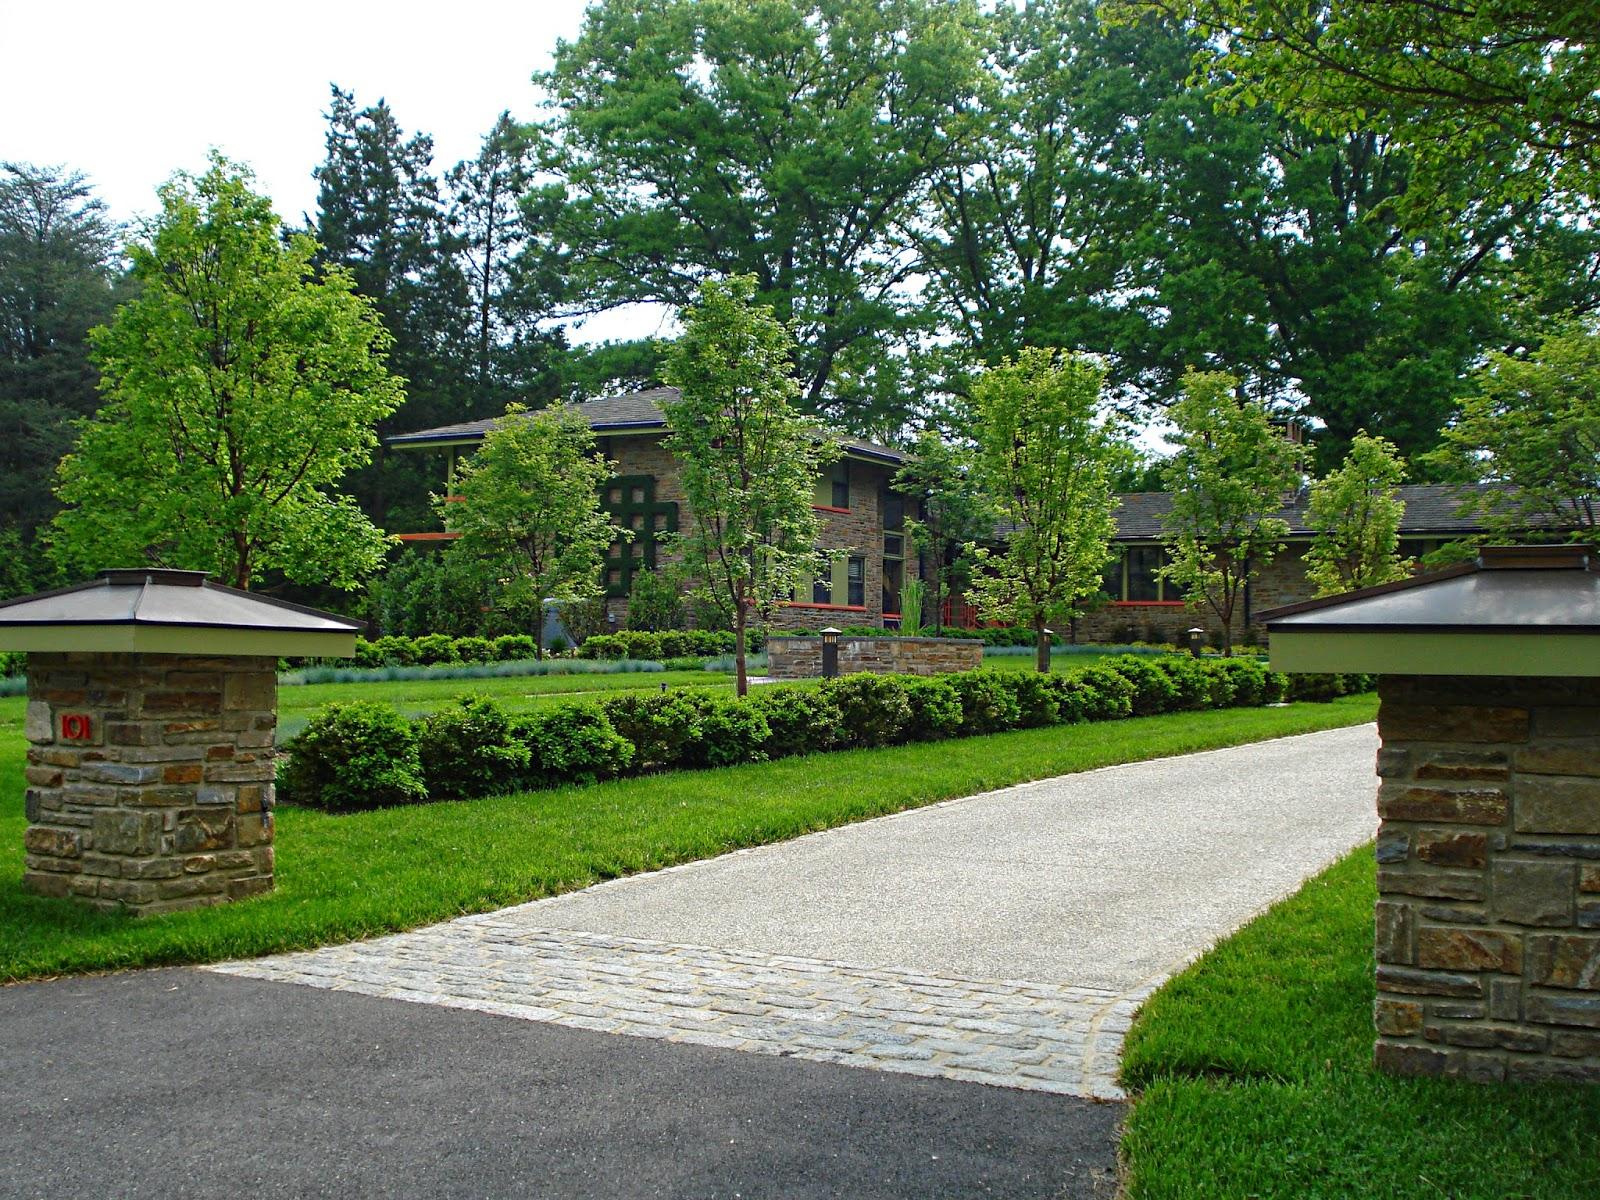 Driveway Entrance Landscaping Design - Landscape Ideas